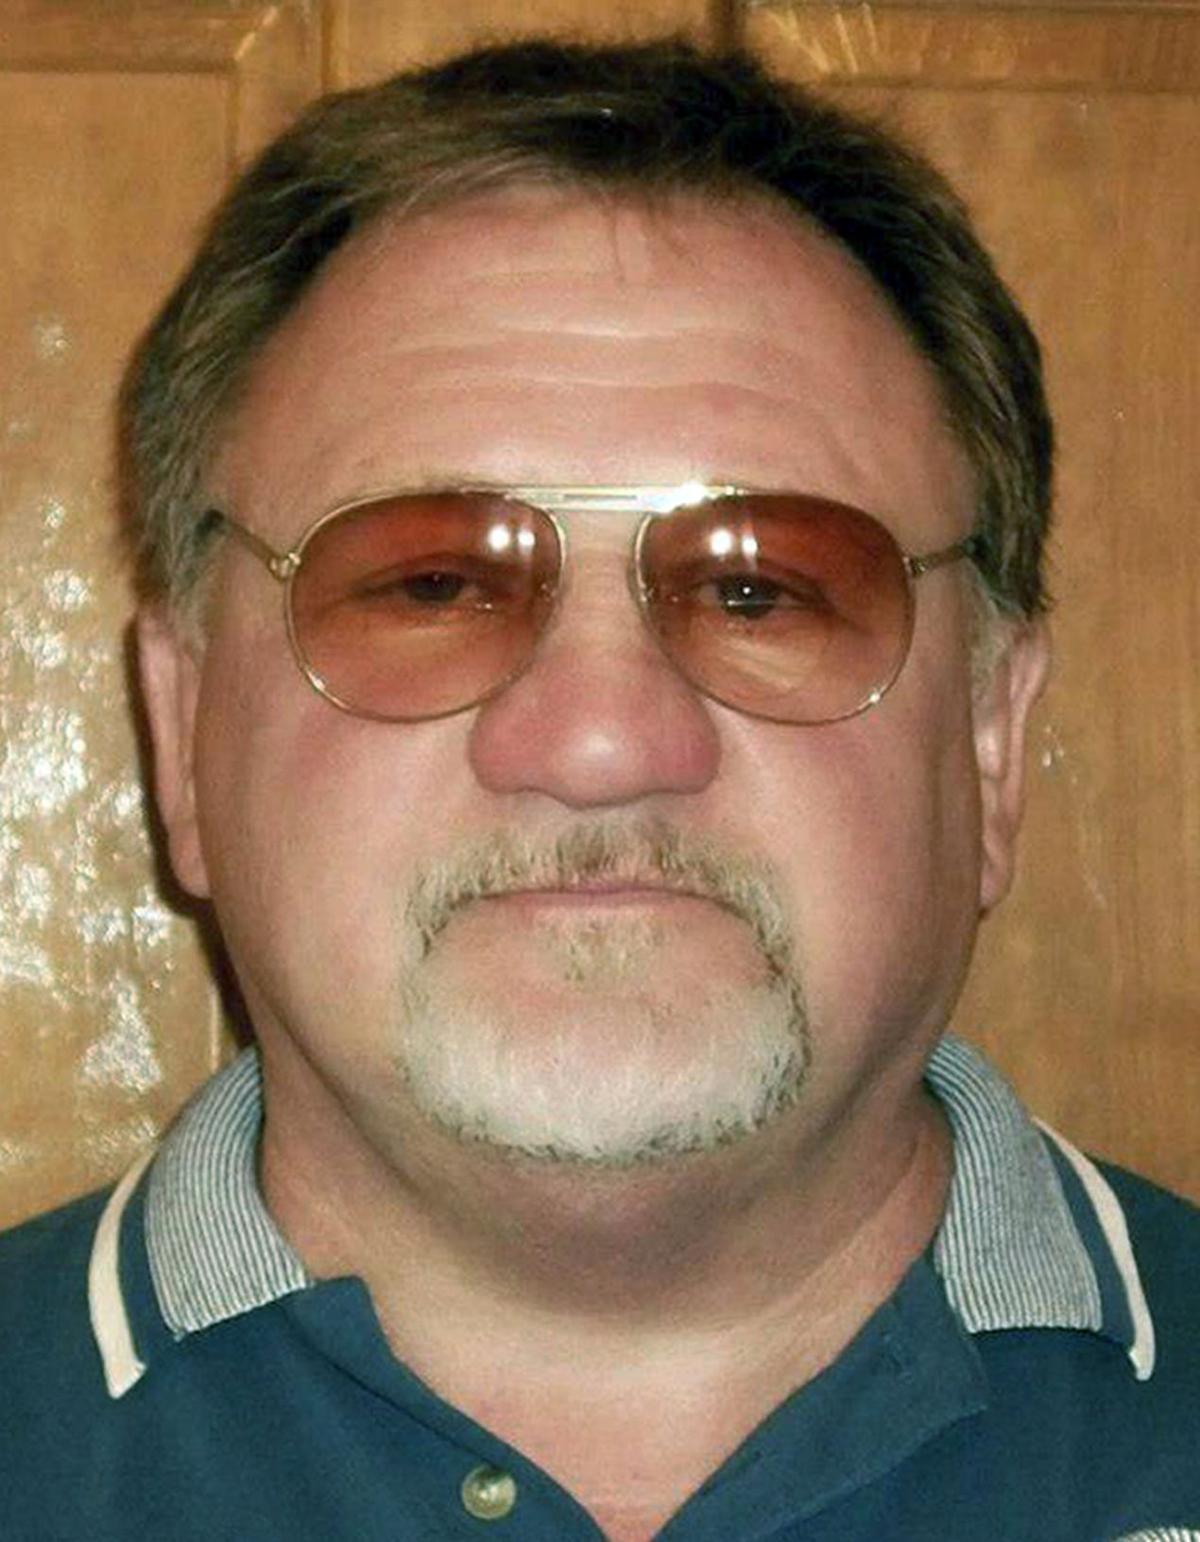 Gunman who shot congressman had history of anti-GOP activity